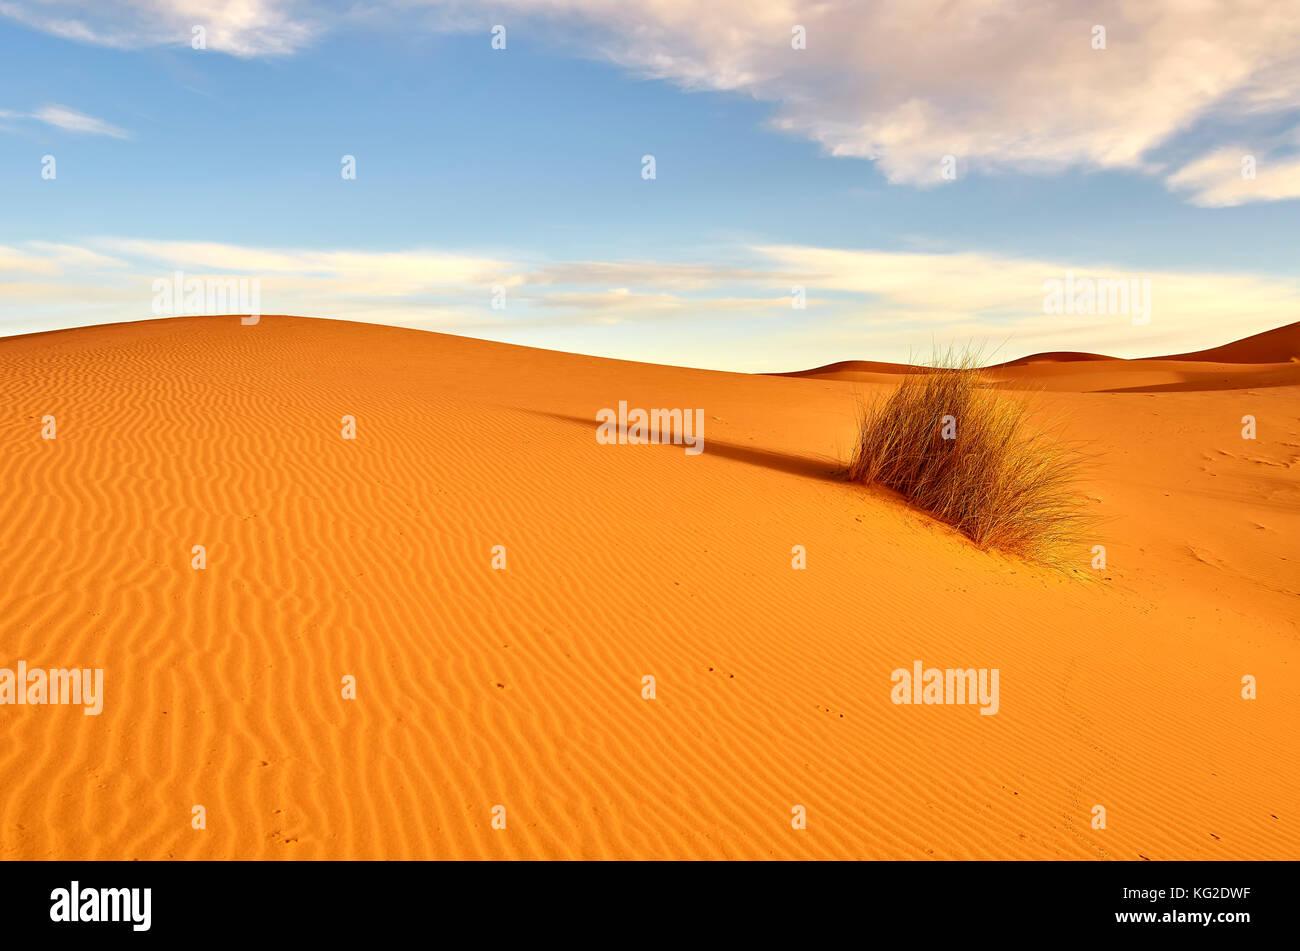 merzouga-desert-morocco-KG2DWF.jpg